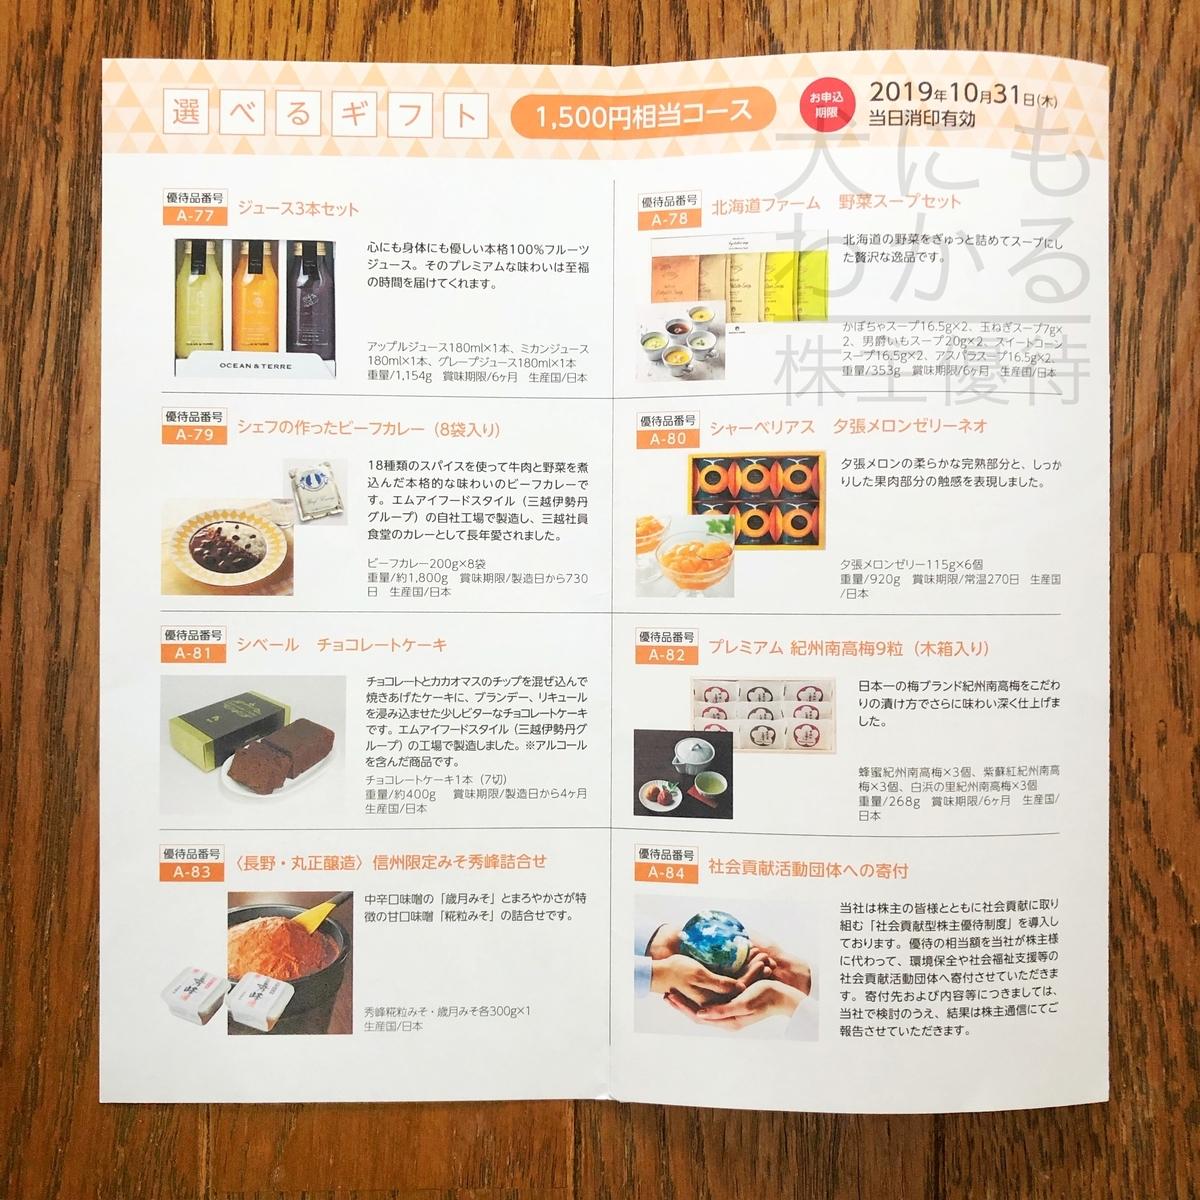 宝印刷株式会社 株主優待カタログ 1,500円コース